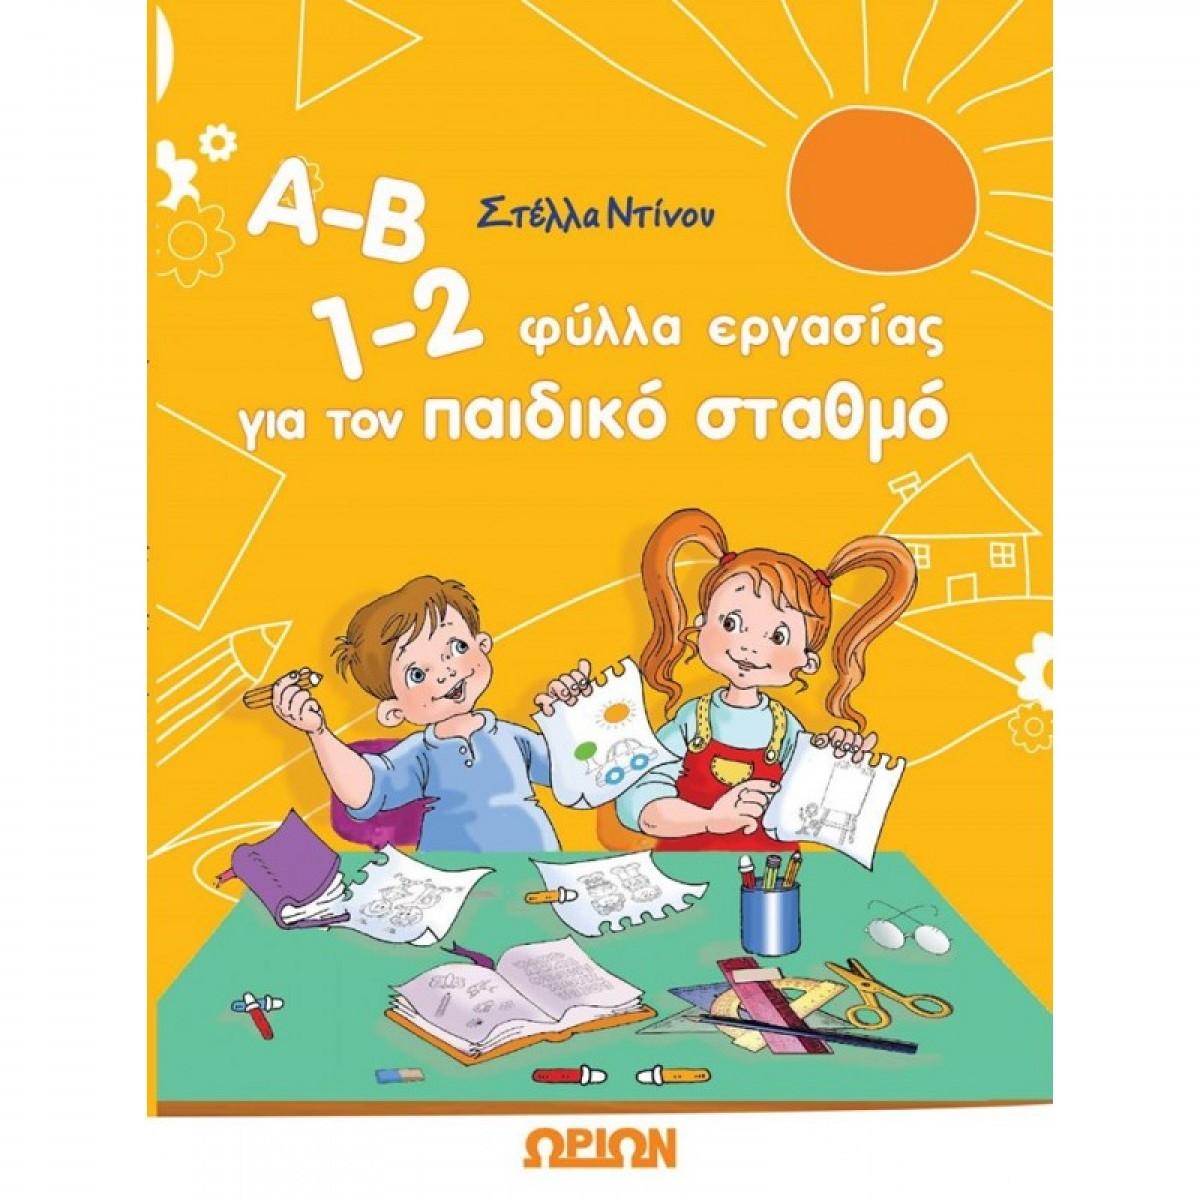 Α-Β 1-2ΦΥΛΛΑ ΕΡΓΑΣΙΑΣ ΓΙΑ ΤΟΝ ΠΑΙΔΙΚΟ ΣΤΑΘΜΟ Βιβλία Ωρίων